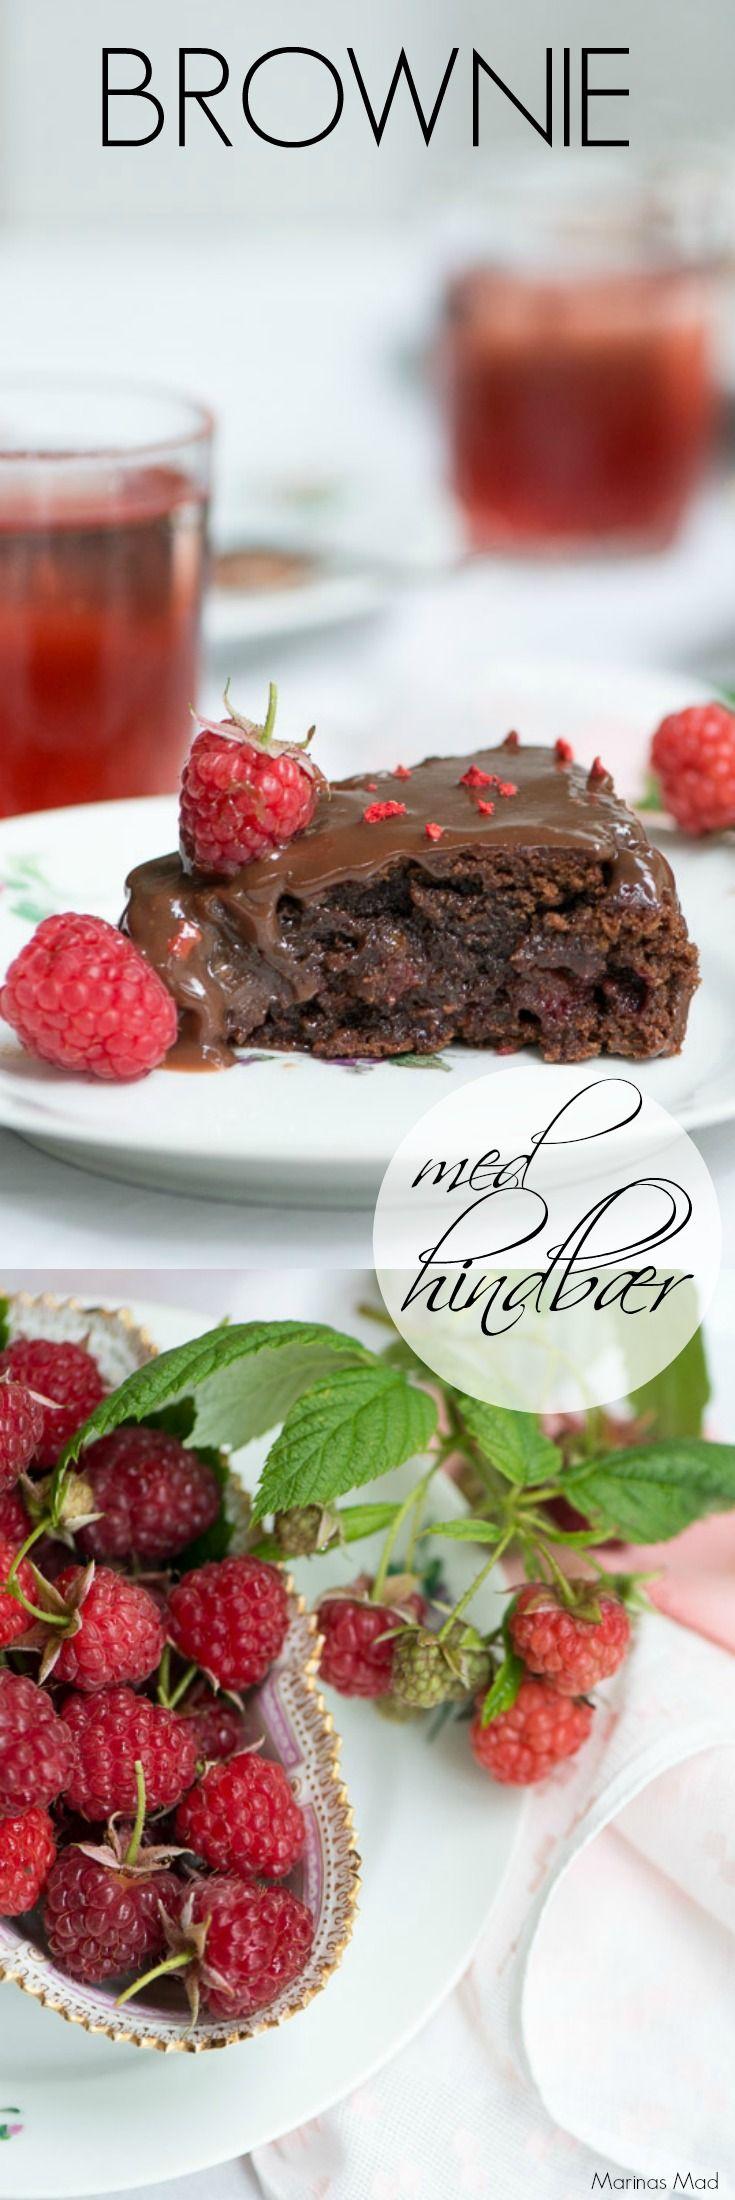 Lækker brownie med friske hindbær og hindbær ganache. Opskrift på den skønne kage fra Marinas Mad: Årstidens opskrifter.